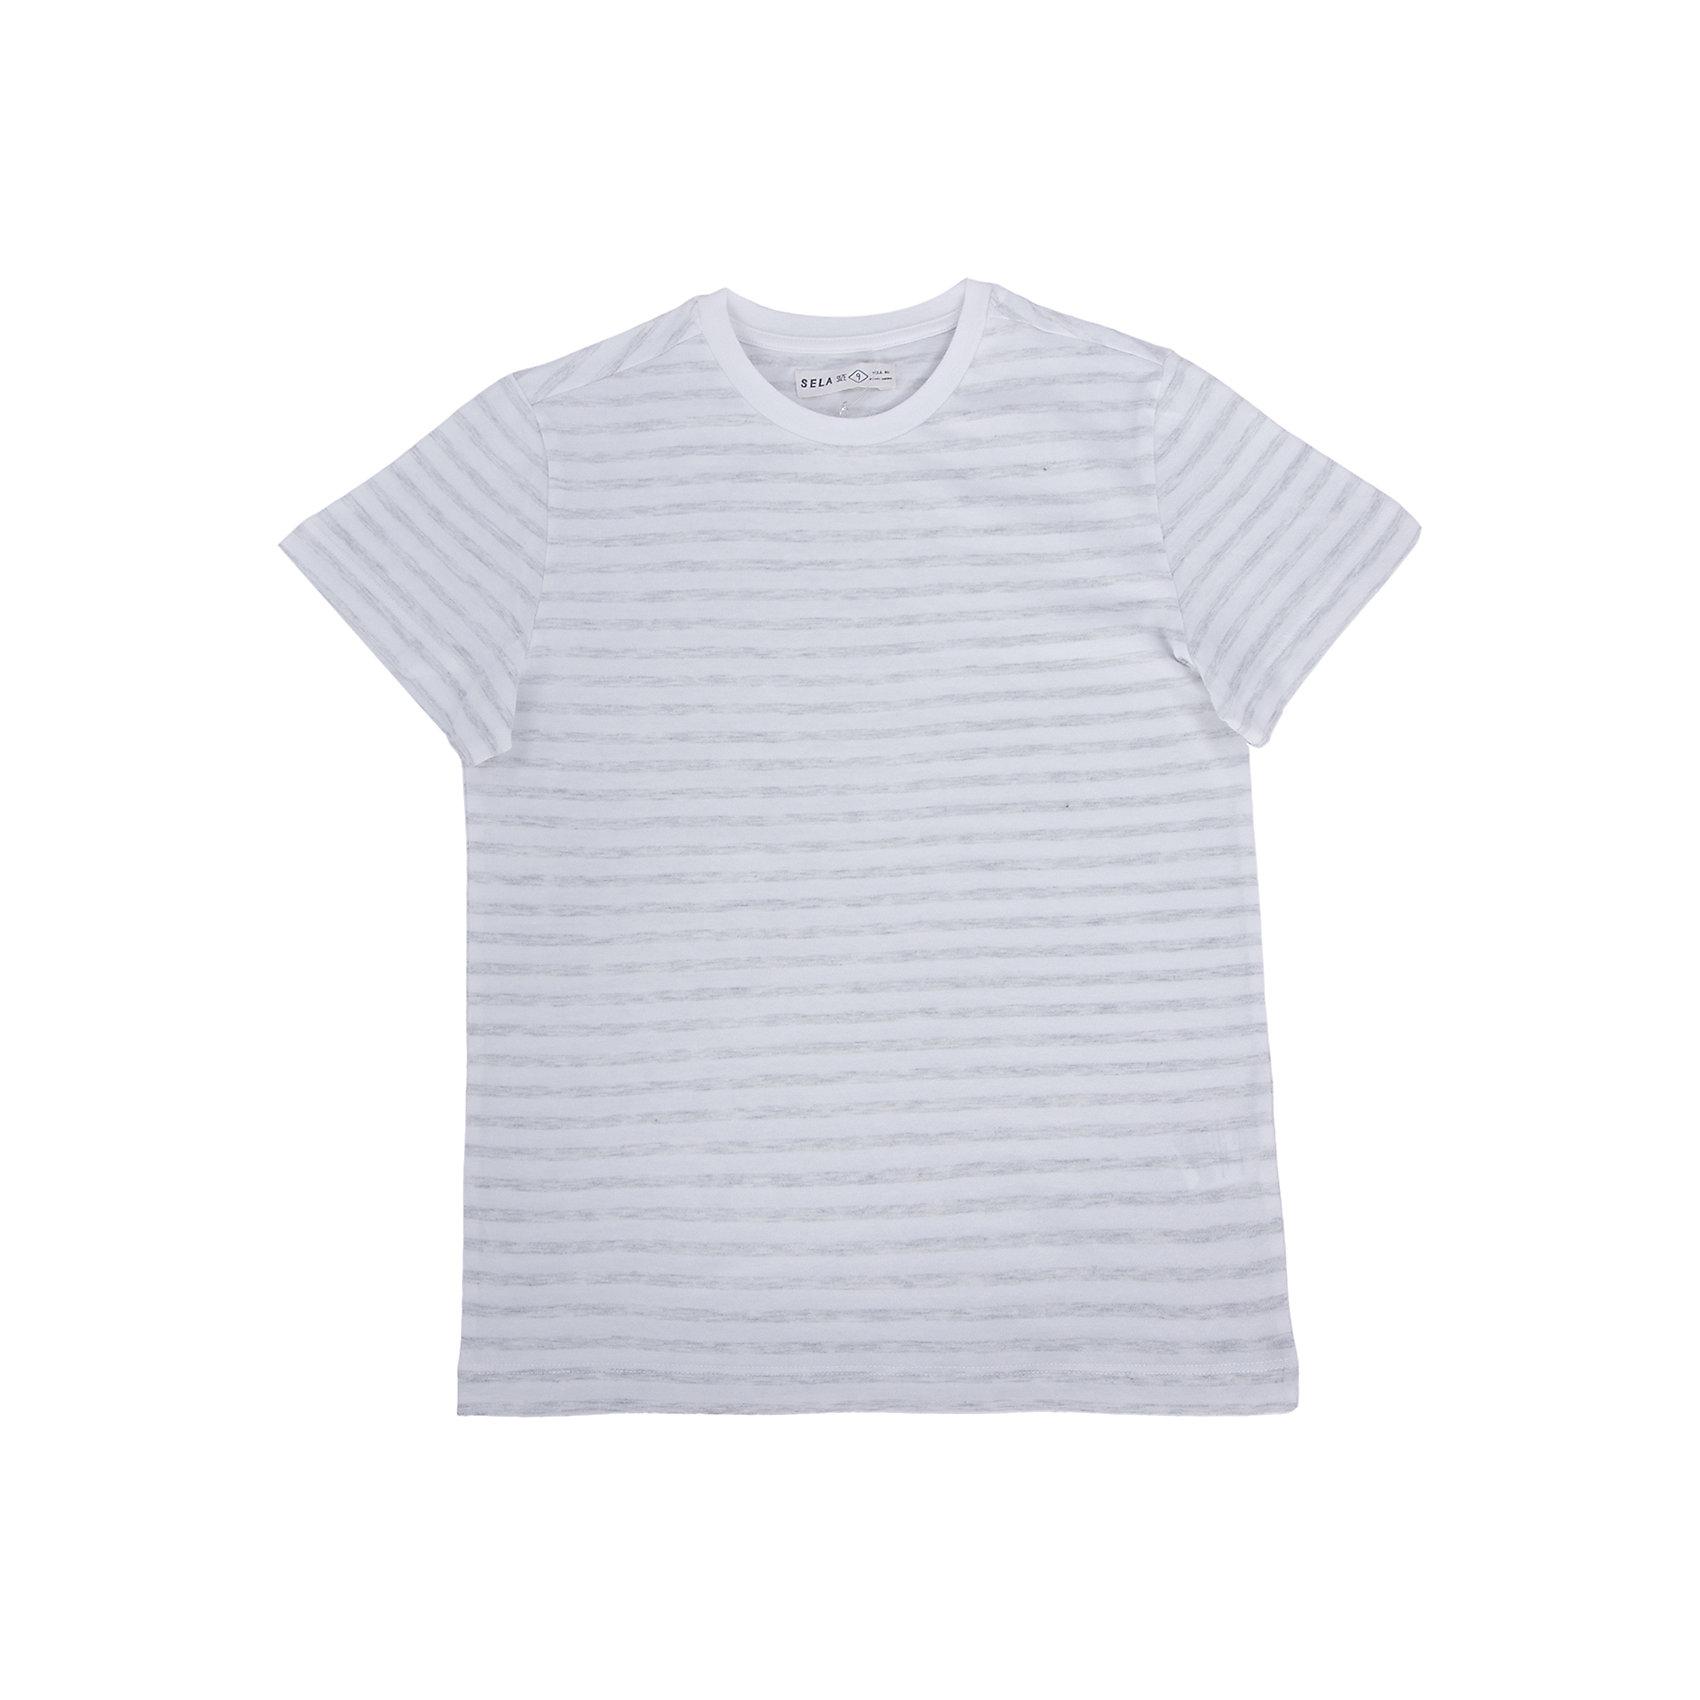 Футболка для мальчика SELAФутболки, поло и топы<br>Стильная футболка для мальчика от популярного бренда SELA. Изделие выполнено из натурального гипоаллергенного трикотажа, очень мягкого, дышащего и приятного к телу, и обладает следующими особенностями:<br>- модная полоска;<br>- эластичная отделка горловины;<br>- комфортный крой, гарантирующий свободу движений;<br>- базовая модель.<br>Великолепный выбор для активного лета!<br><br>Дополнительная информация:<br>- состав: 100% хлопок<br>- цвет: белый + серый меланж<br><br>Футболку для мальчика SELA (СЕЛА) можно купить в нашем магазине<br><br>Ширина мм: 230<br>Глубина мм: 40<br>Высота мм: 220<br>Вес г: 250<br>Цвет: белый<br>Возраст от месяцев: 120<br>Возраст до месяцев: 132<br>Пол: Мужской<br>Возраст: Детский<br>Размер: 146,152,116,122,128,134,140<br>SKU: 4741303